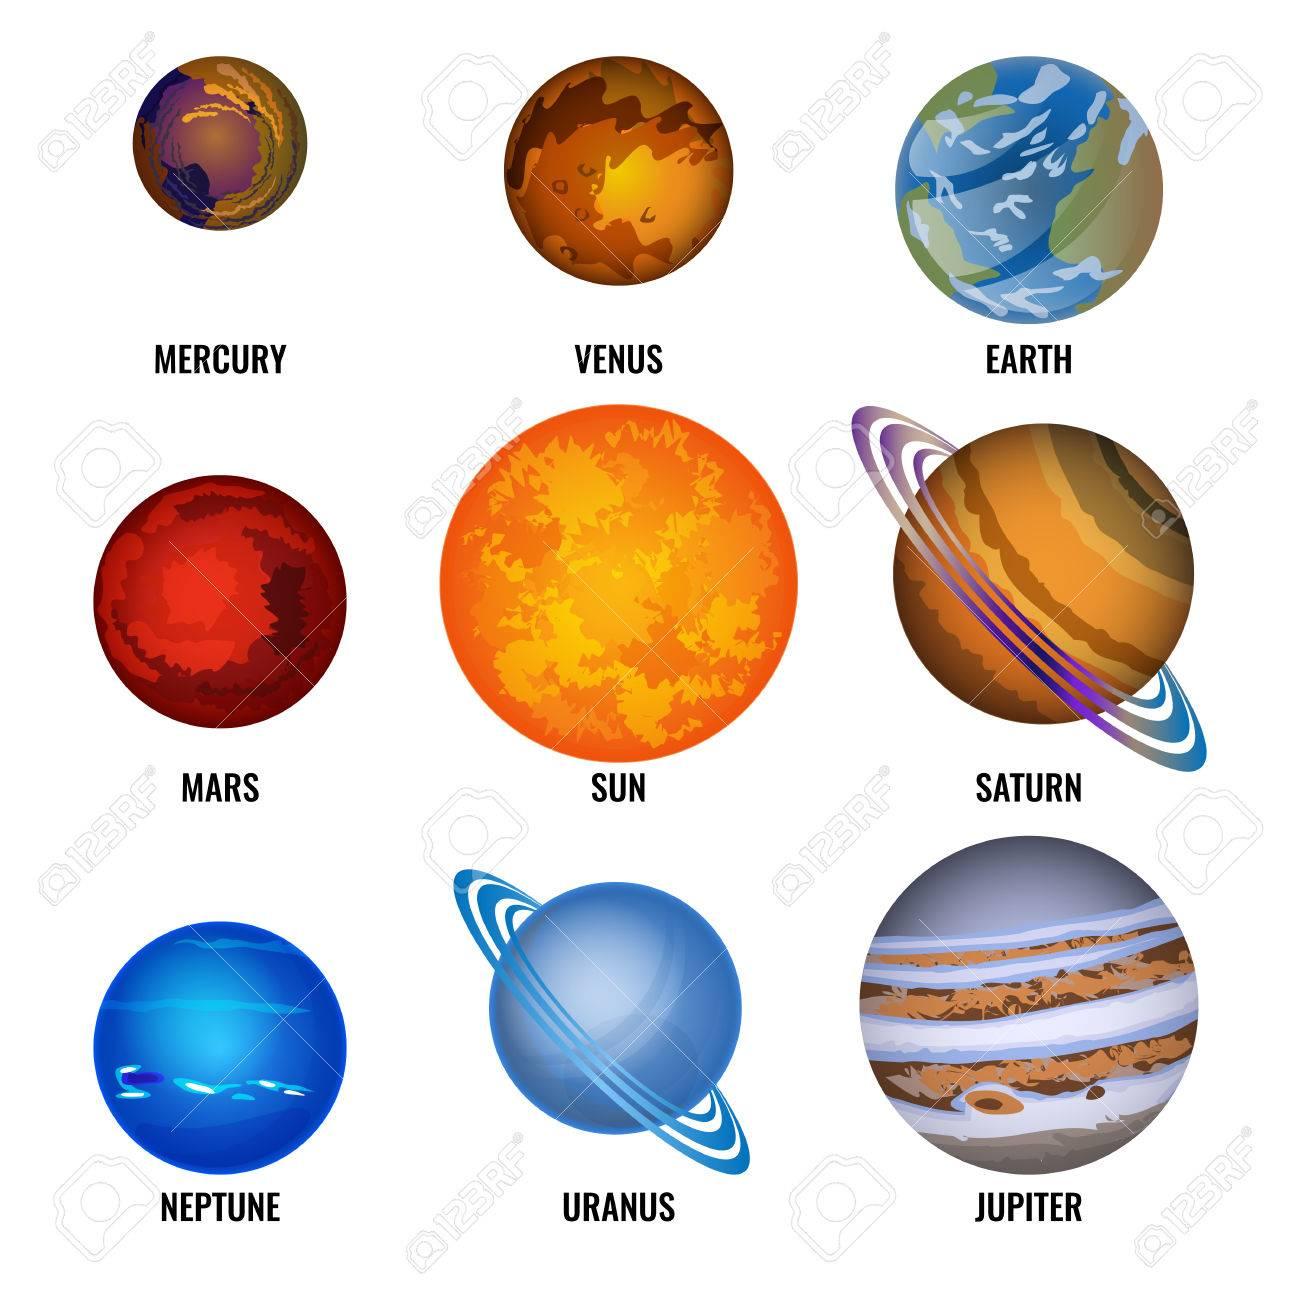 Conjunto De Planetas Del Sistema Solar Ilustración Vectorial De Dibujos Animados Mercurio Más Pequeño Venus Giratorio Tierra Habitada Marte Y Sol